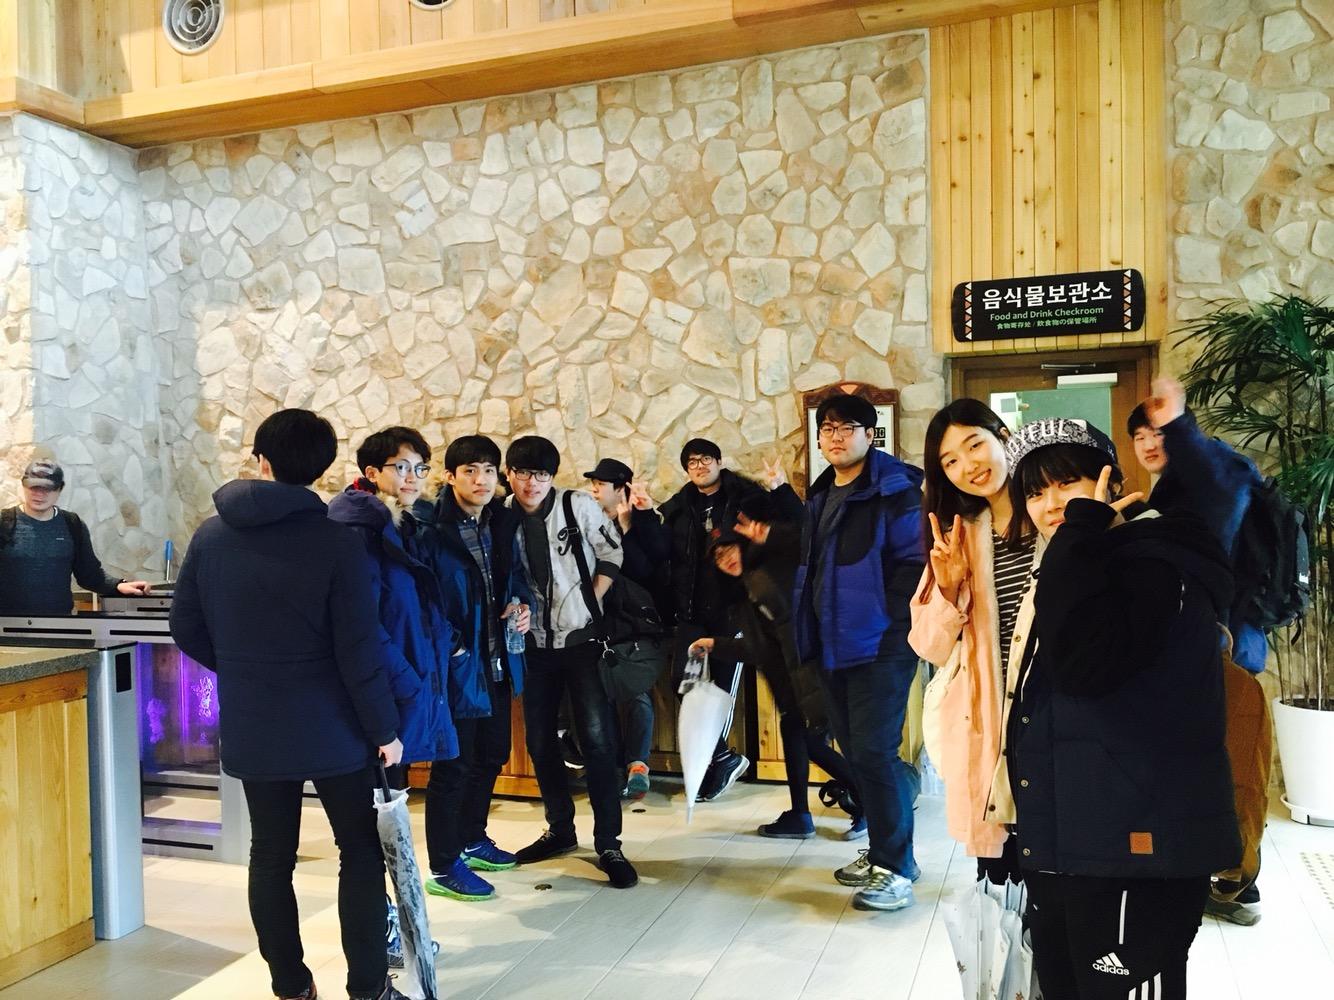 2016.02.12_김해롯데워터파크 MT (10).JPG